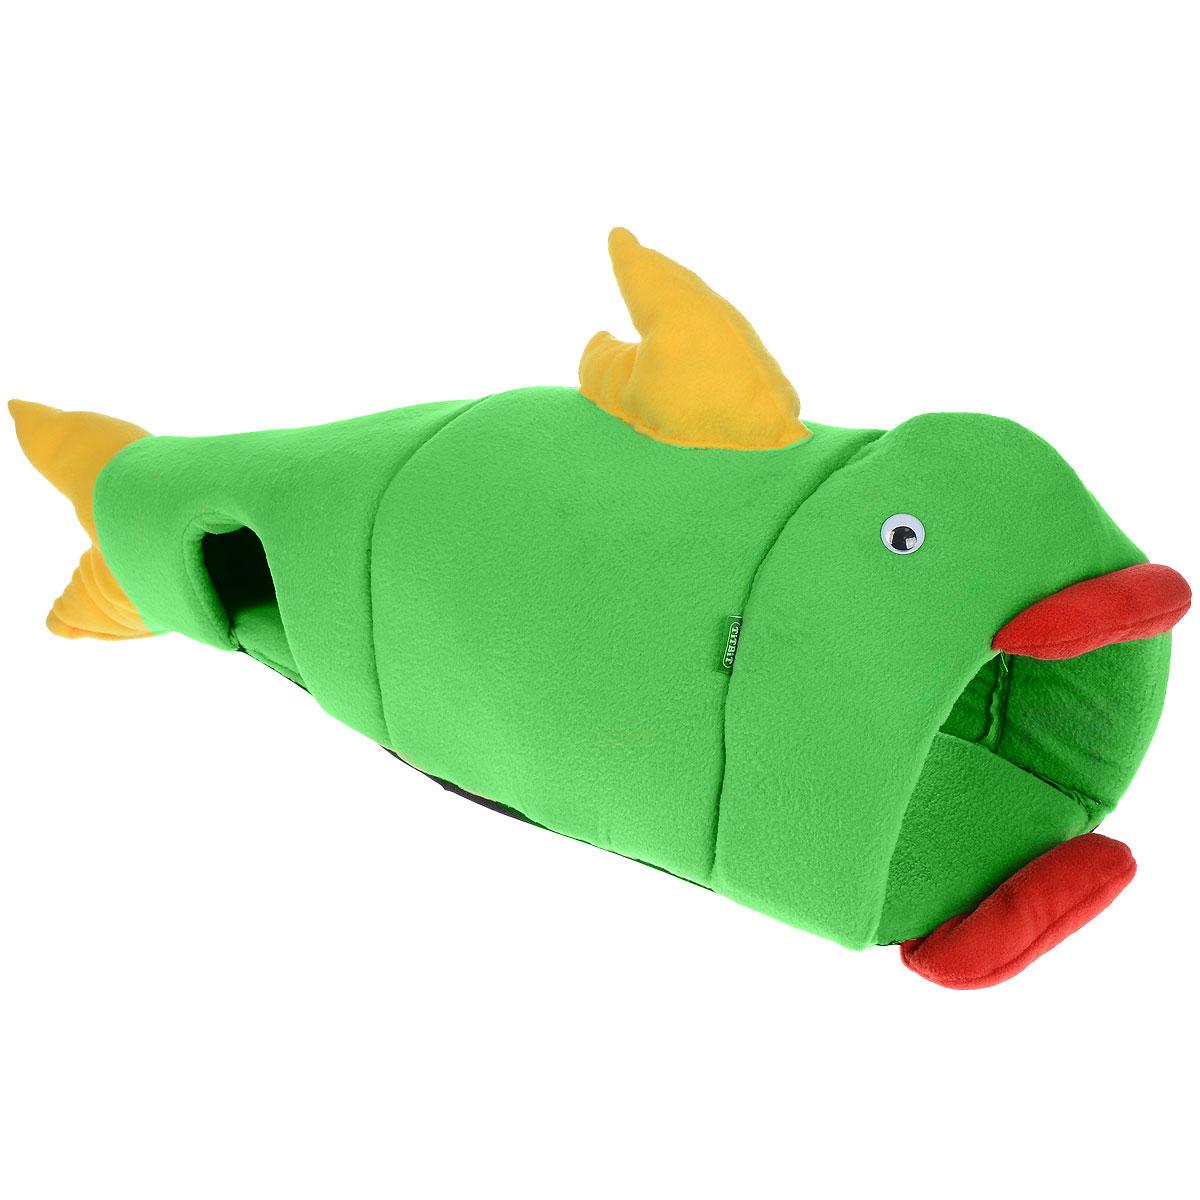 Домик для кошек и собак Titbit Рыбка, цвет: салатовый, 100 см х 35 см игрушка для собак titbit канат с рулетом из кожи длина 35 см